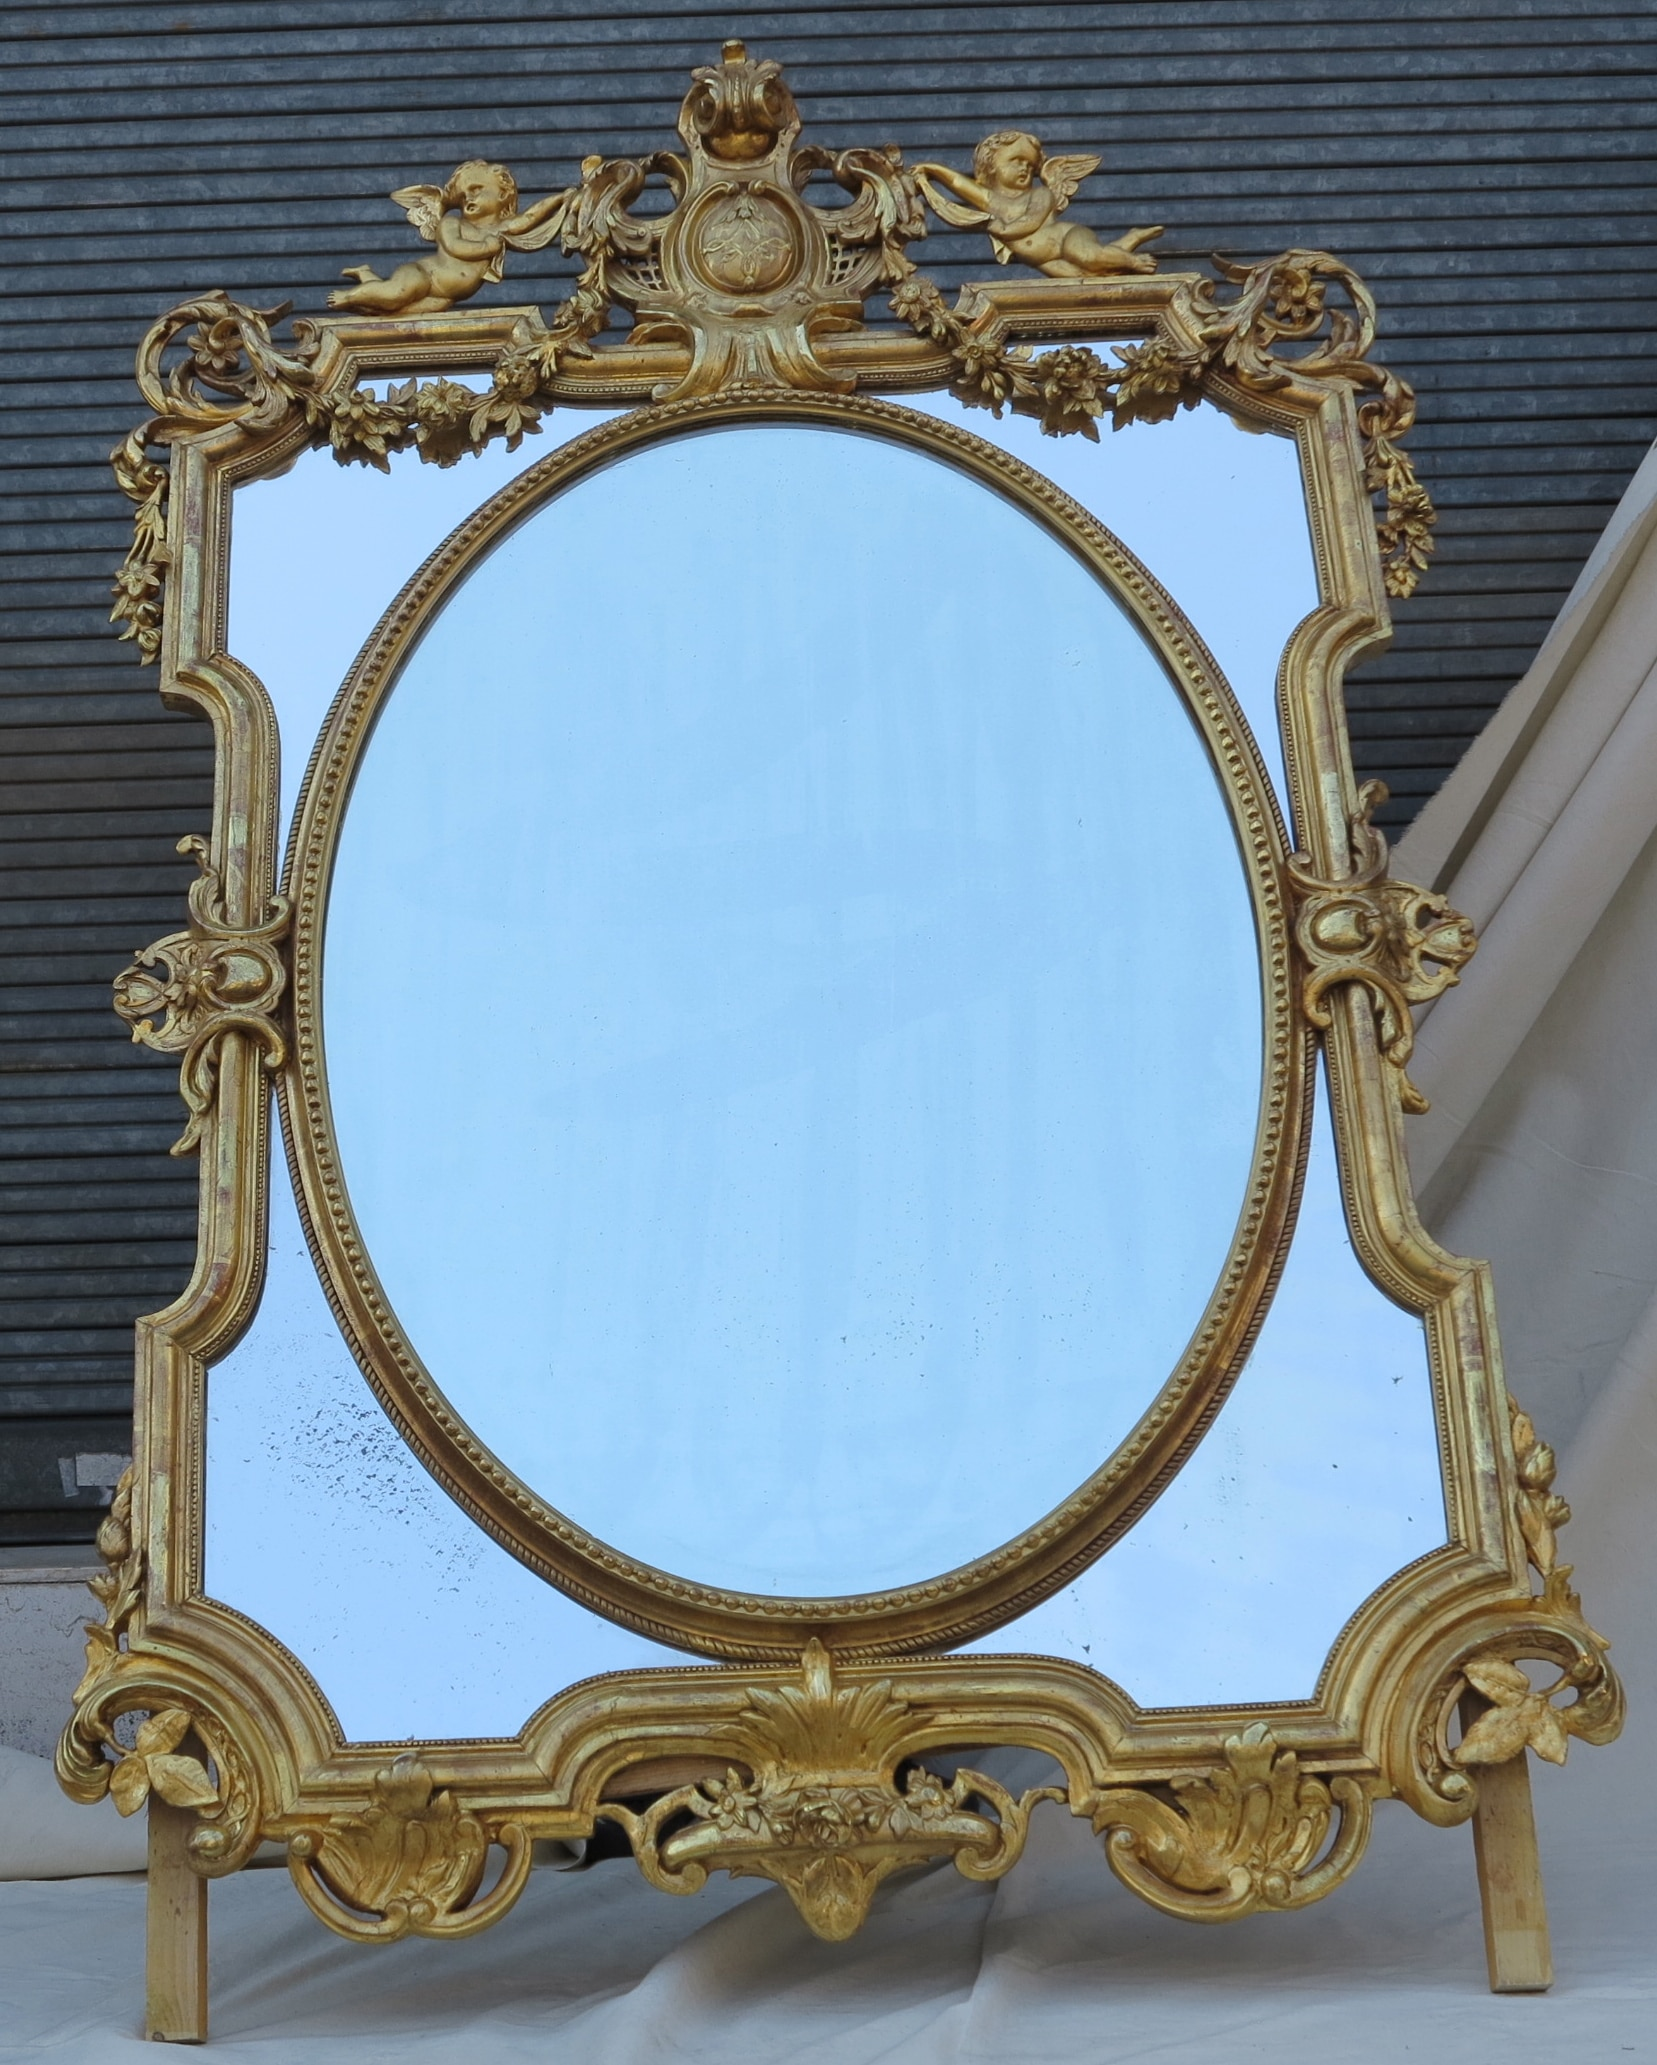 miroir napoleon iii a pare closes et medaillon central ovale biseaute aux anges bois et stuc dore feuilles d or